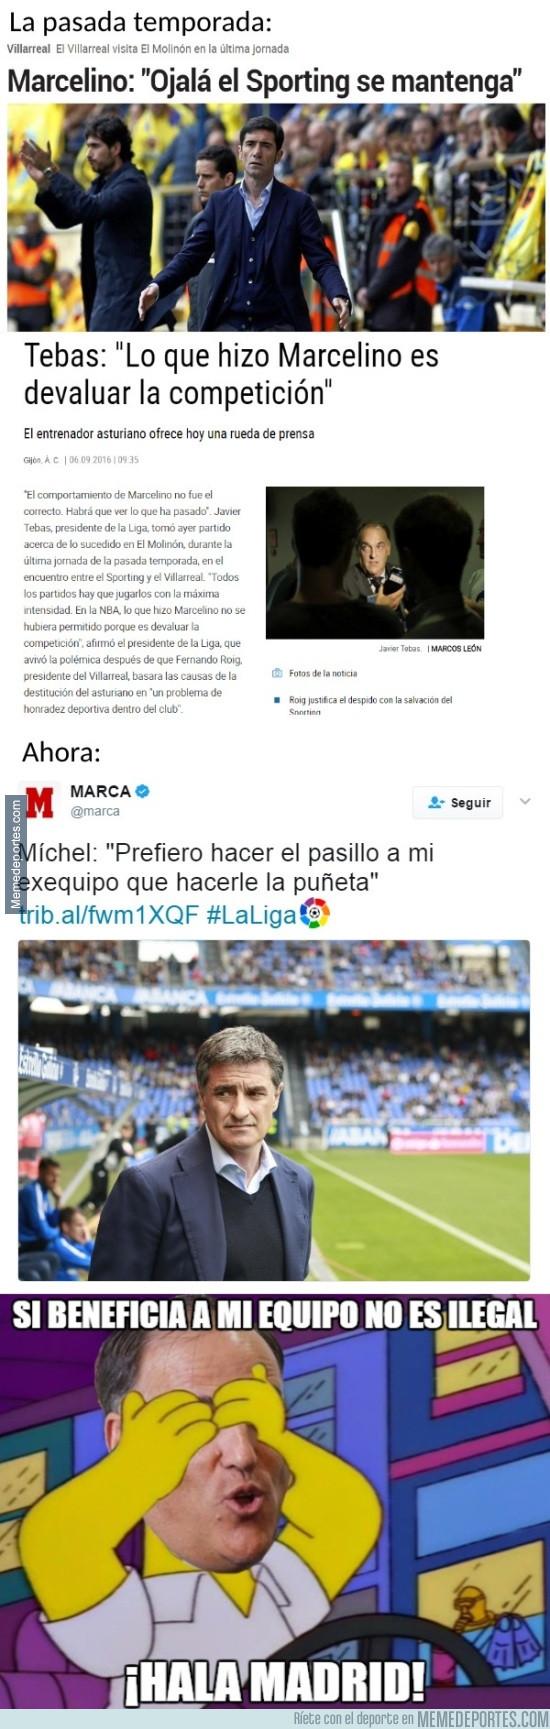 971057 - ¿Si Míchel hace lo mismo contra el Madrid Tebas le dirá algo?